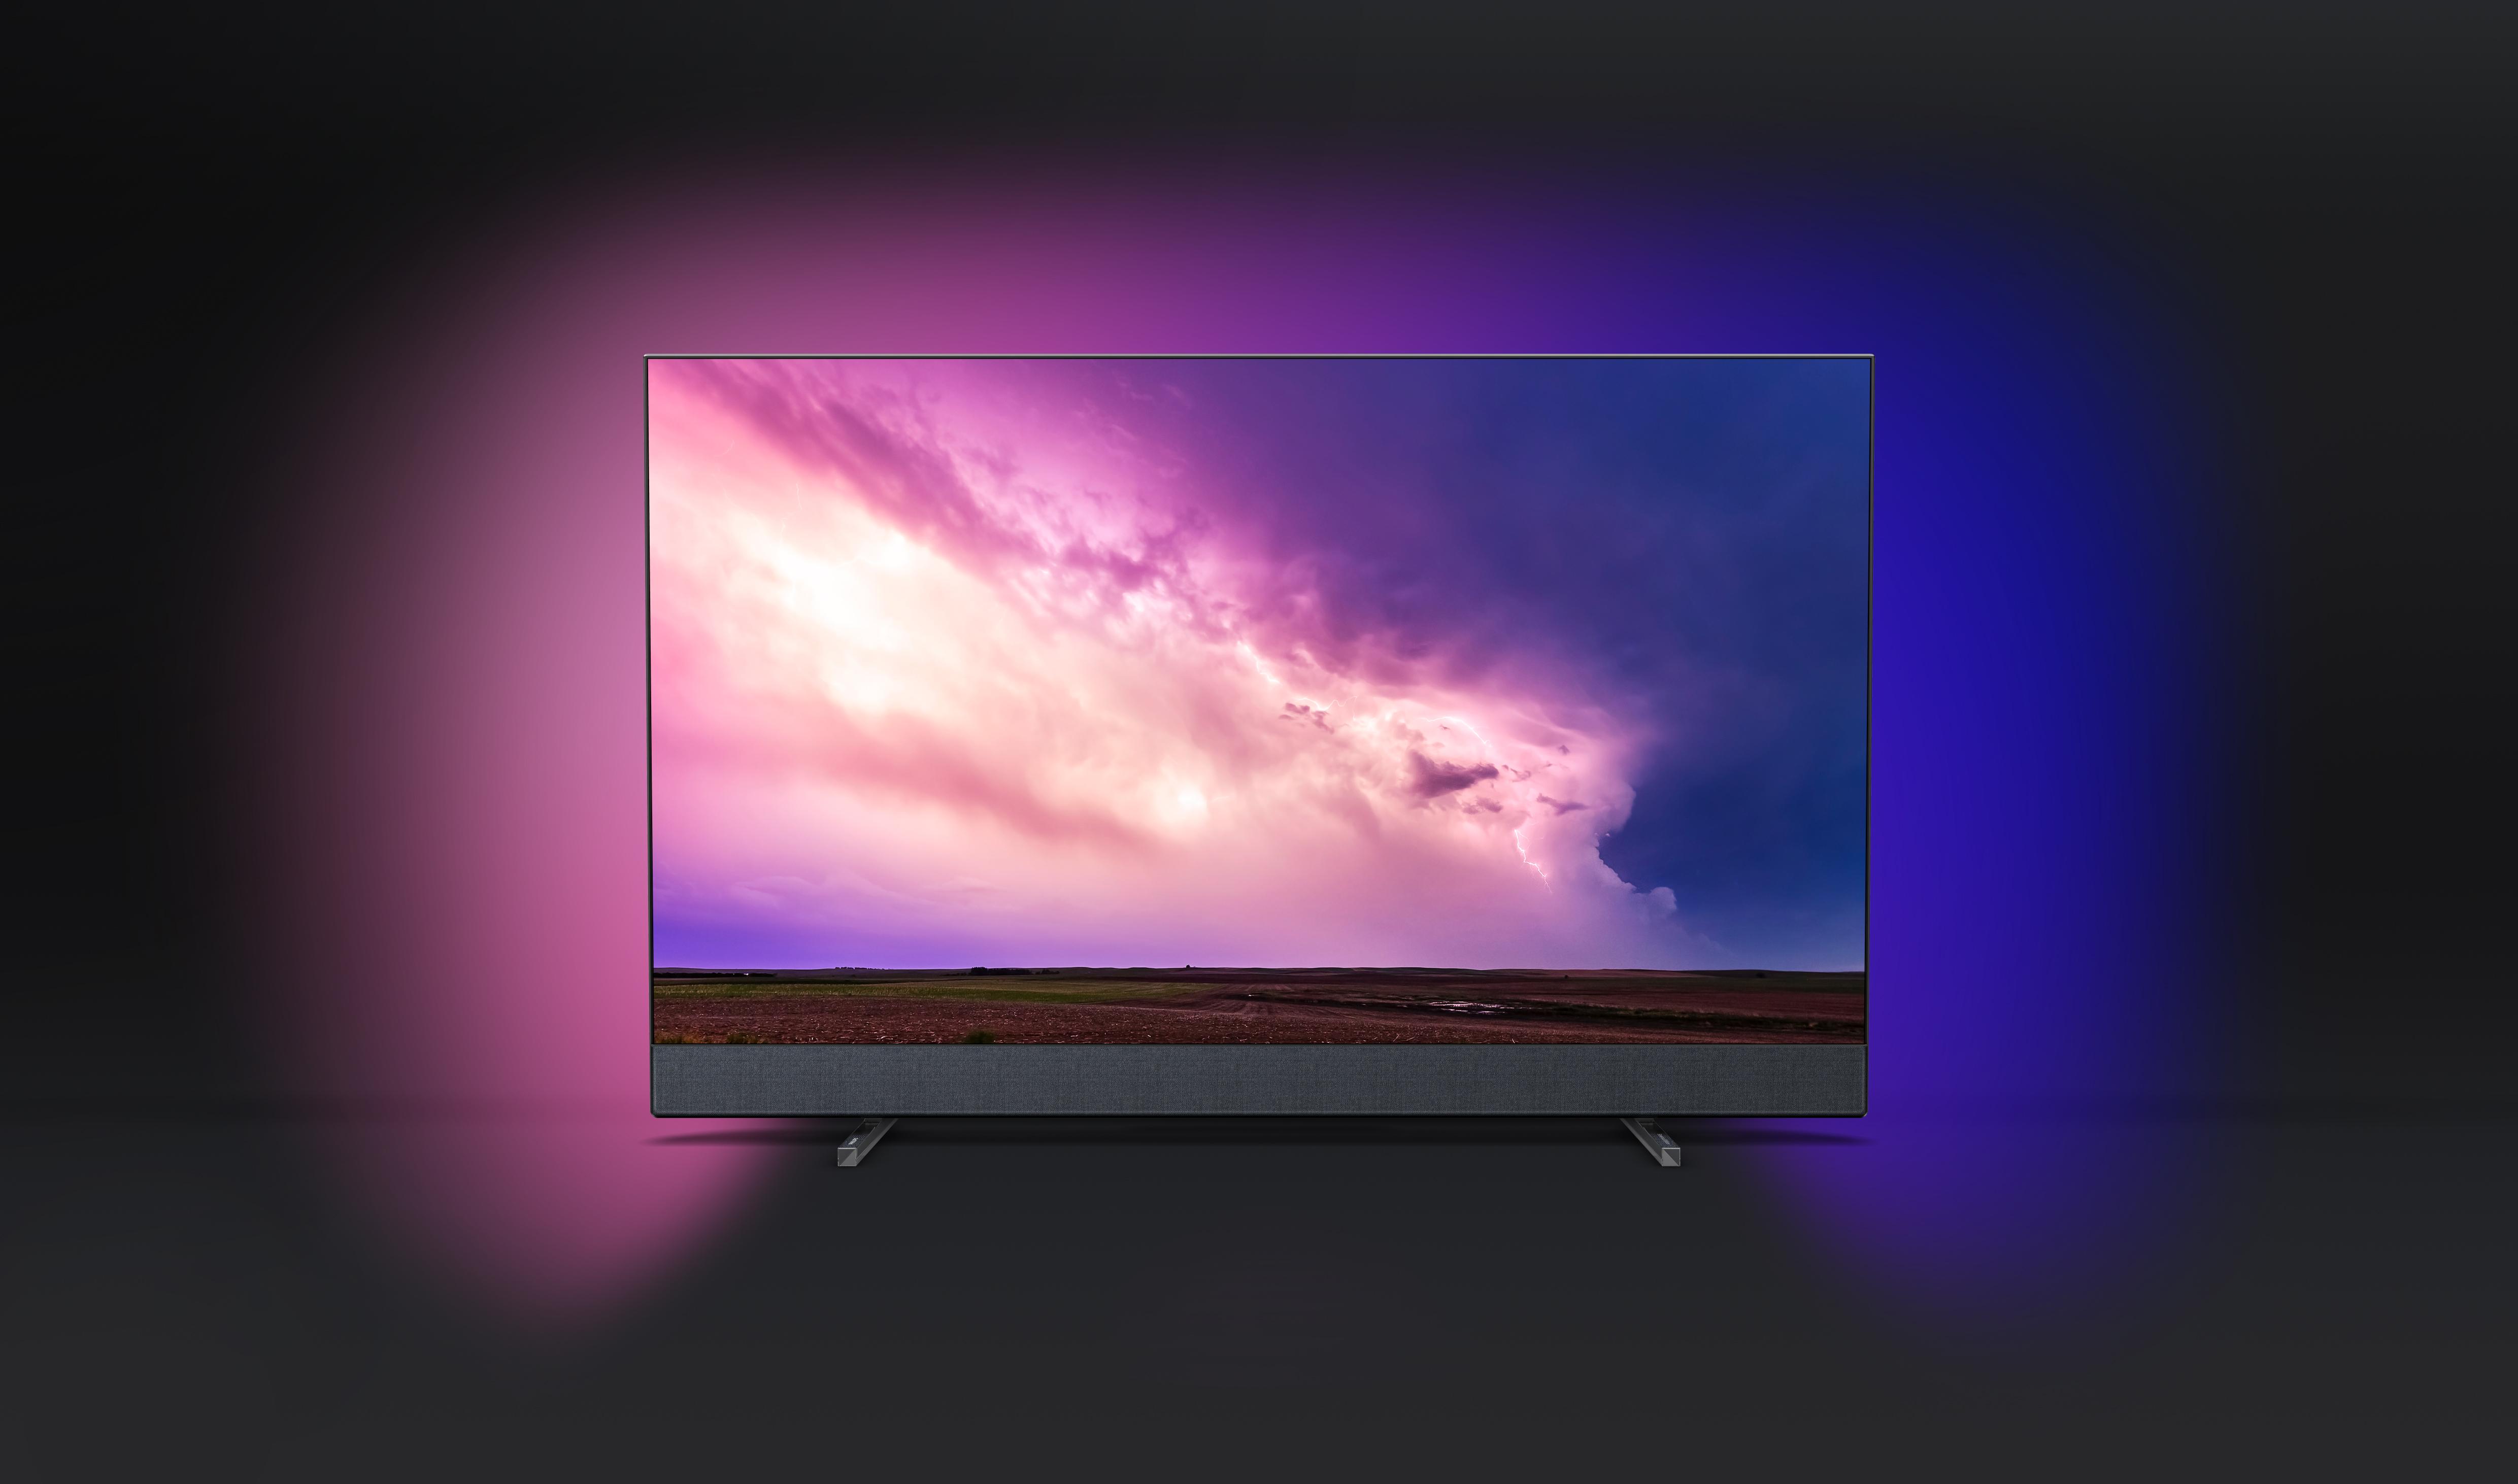 Ikke kjøp ny TV før du har lest dette